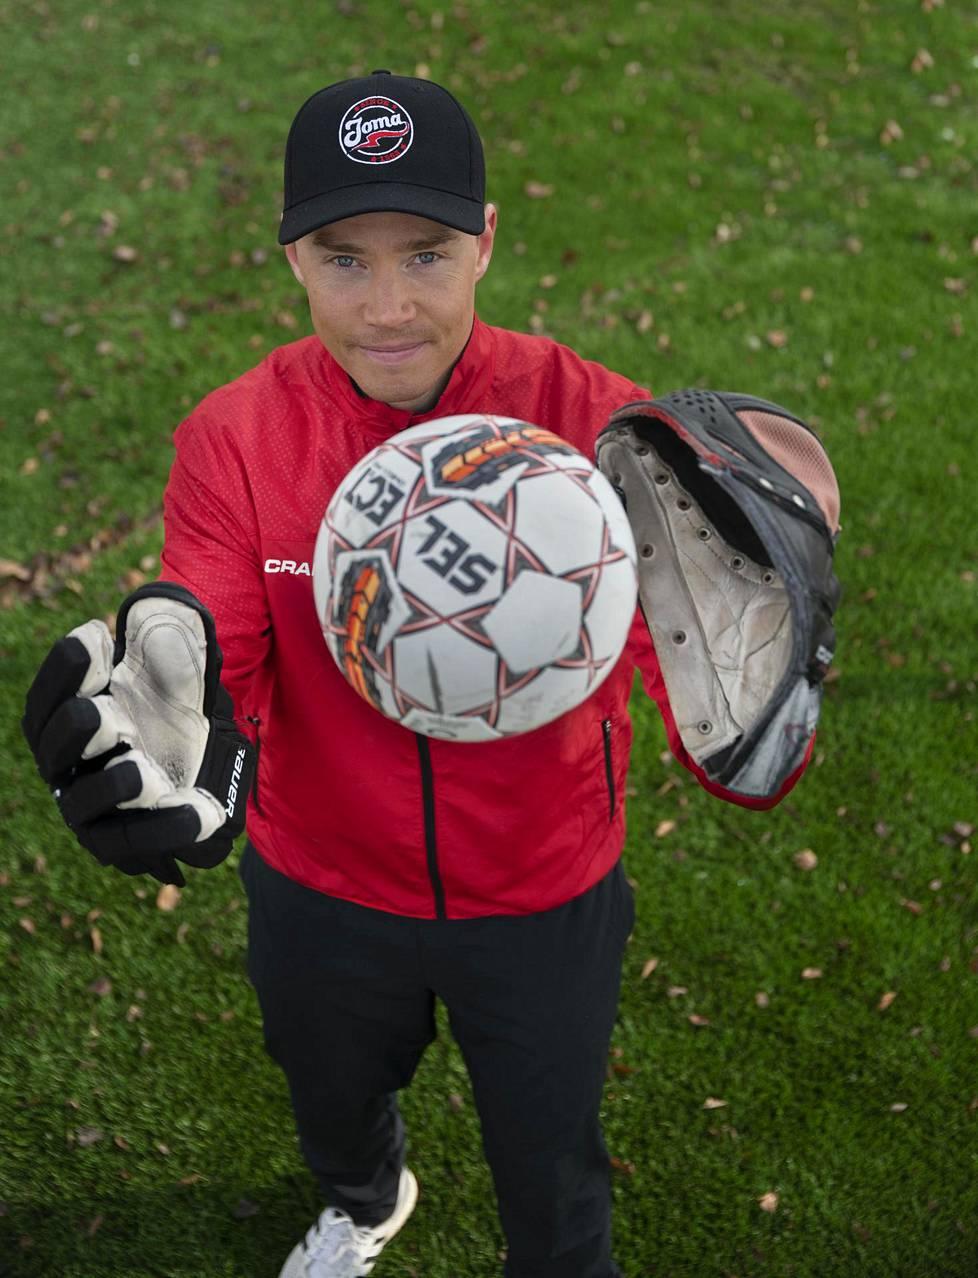 Joensuun Mailan pelinjohtaja Mikko Korhonen on työskennellyt valmentajana pesäpallo-, jääkiekko ja jalkapallojoukkueissa.